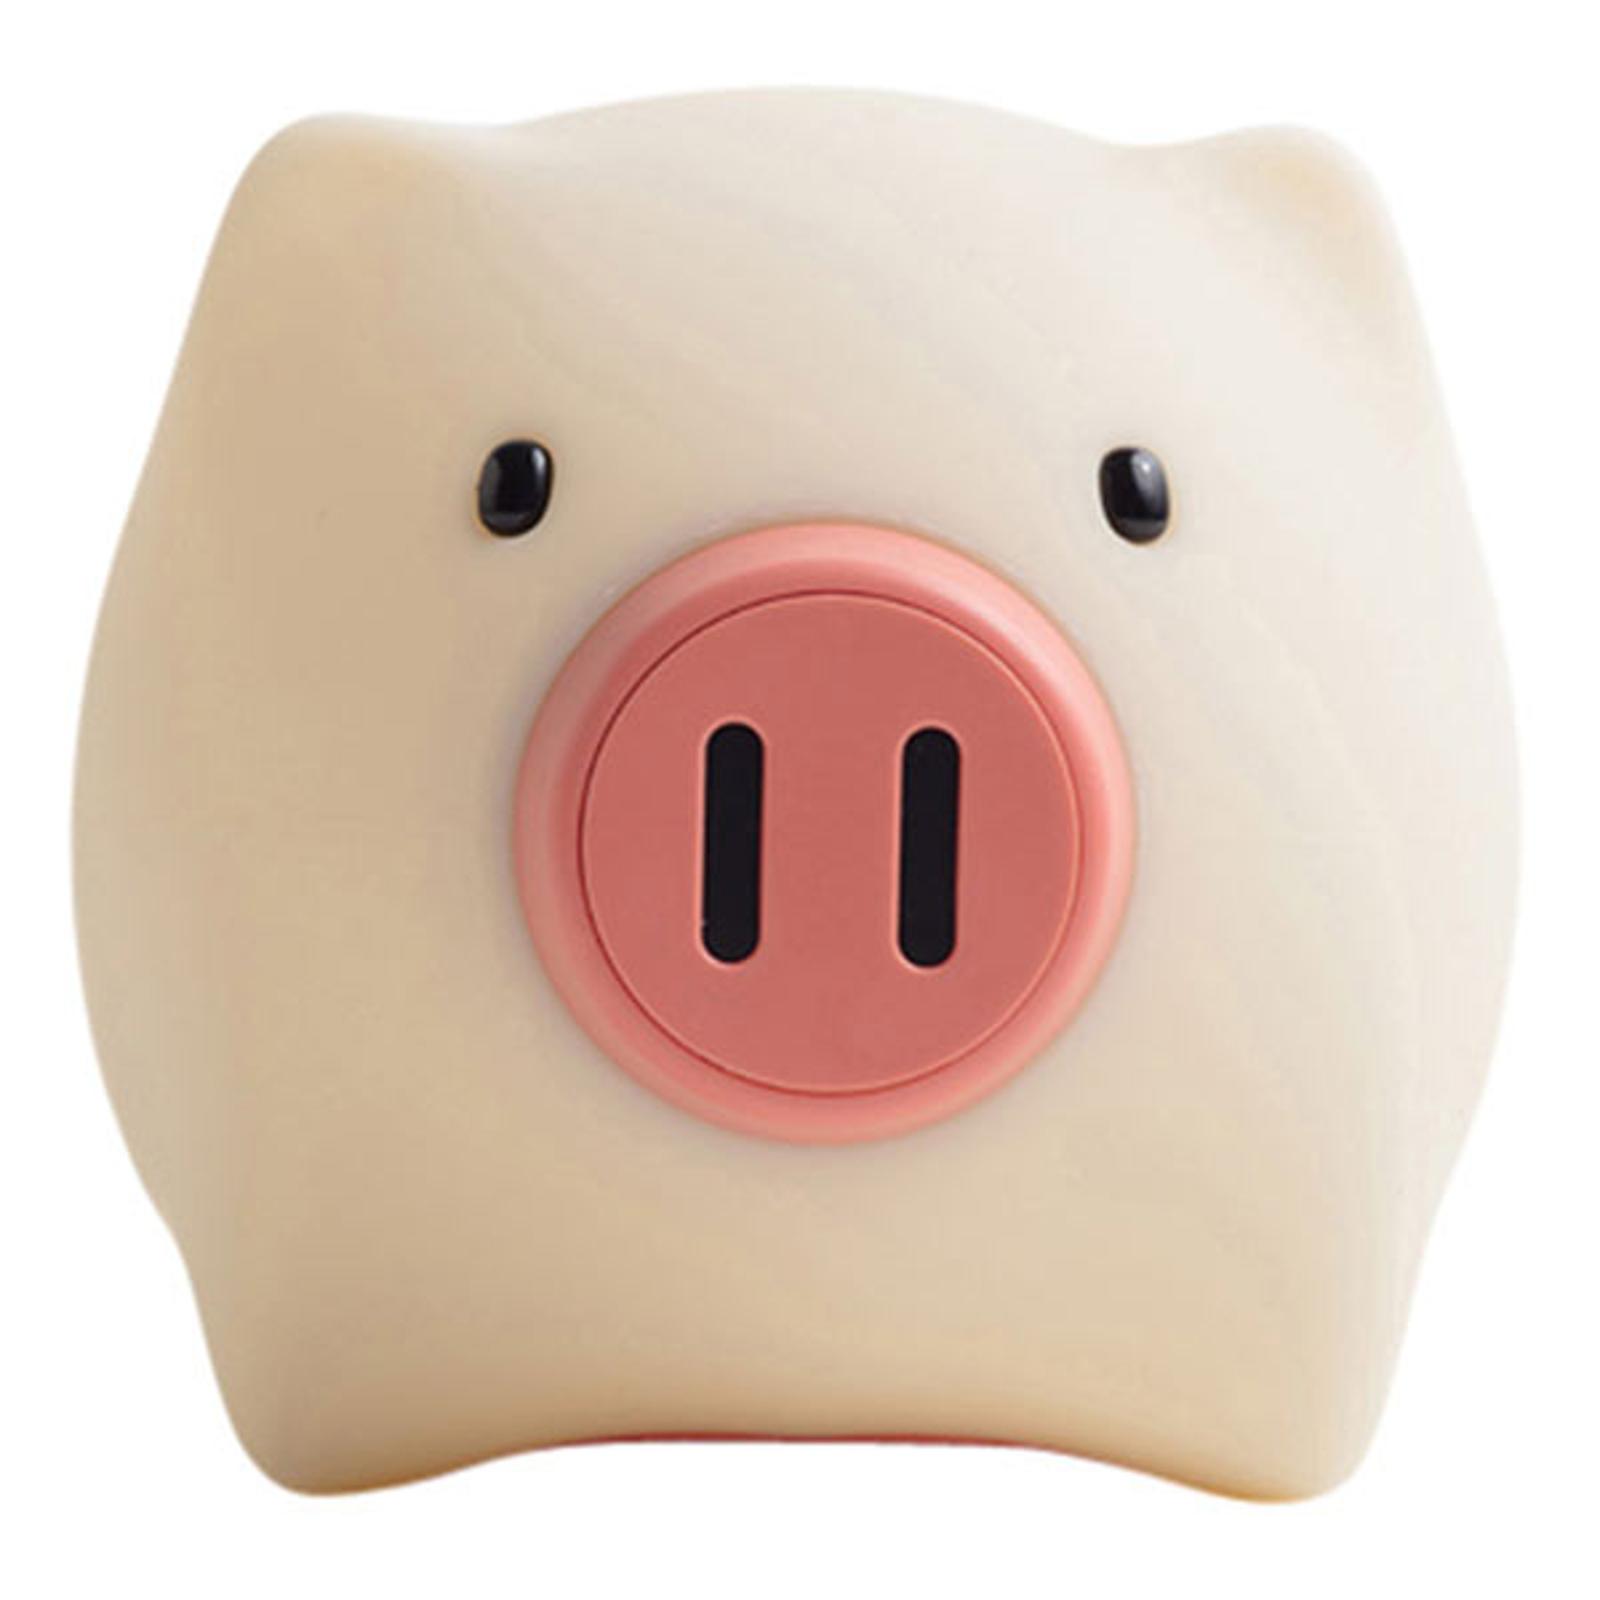 LED-Nachtlicht Piggy Pig mit Akku